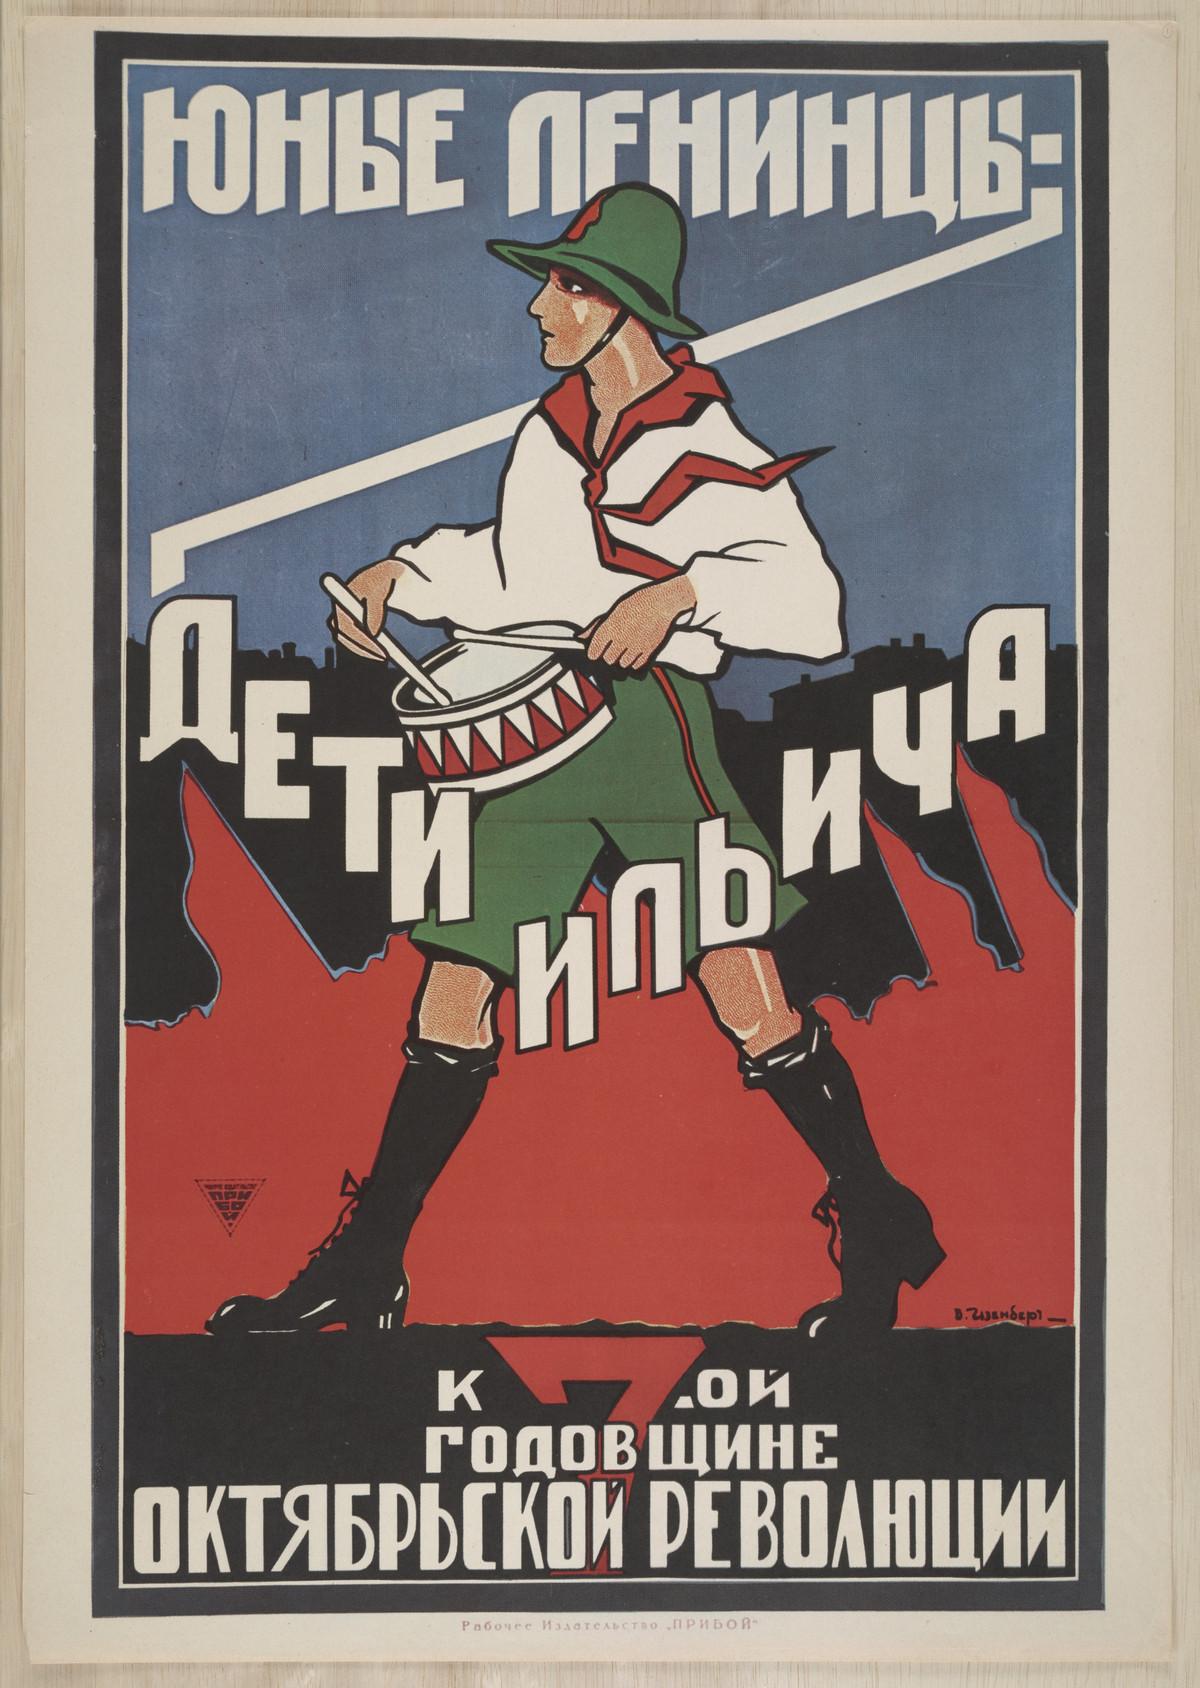 sovetskie-kommunisticheskie-plakaty_7